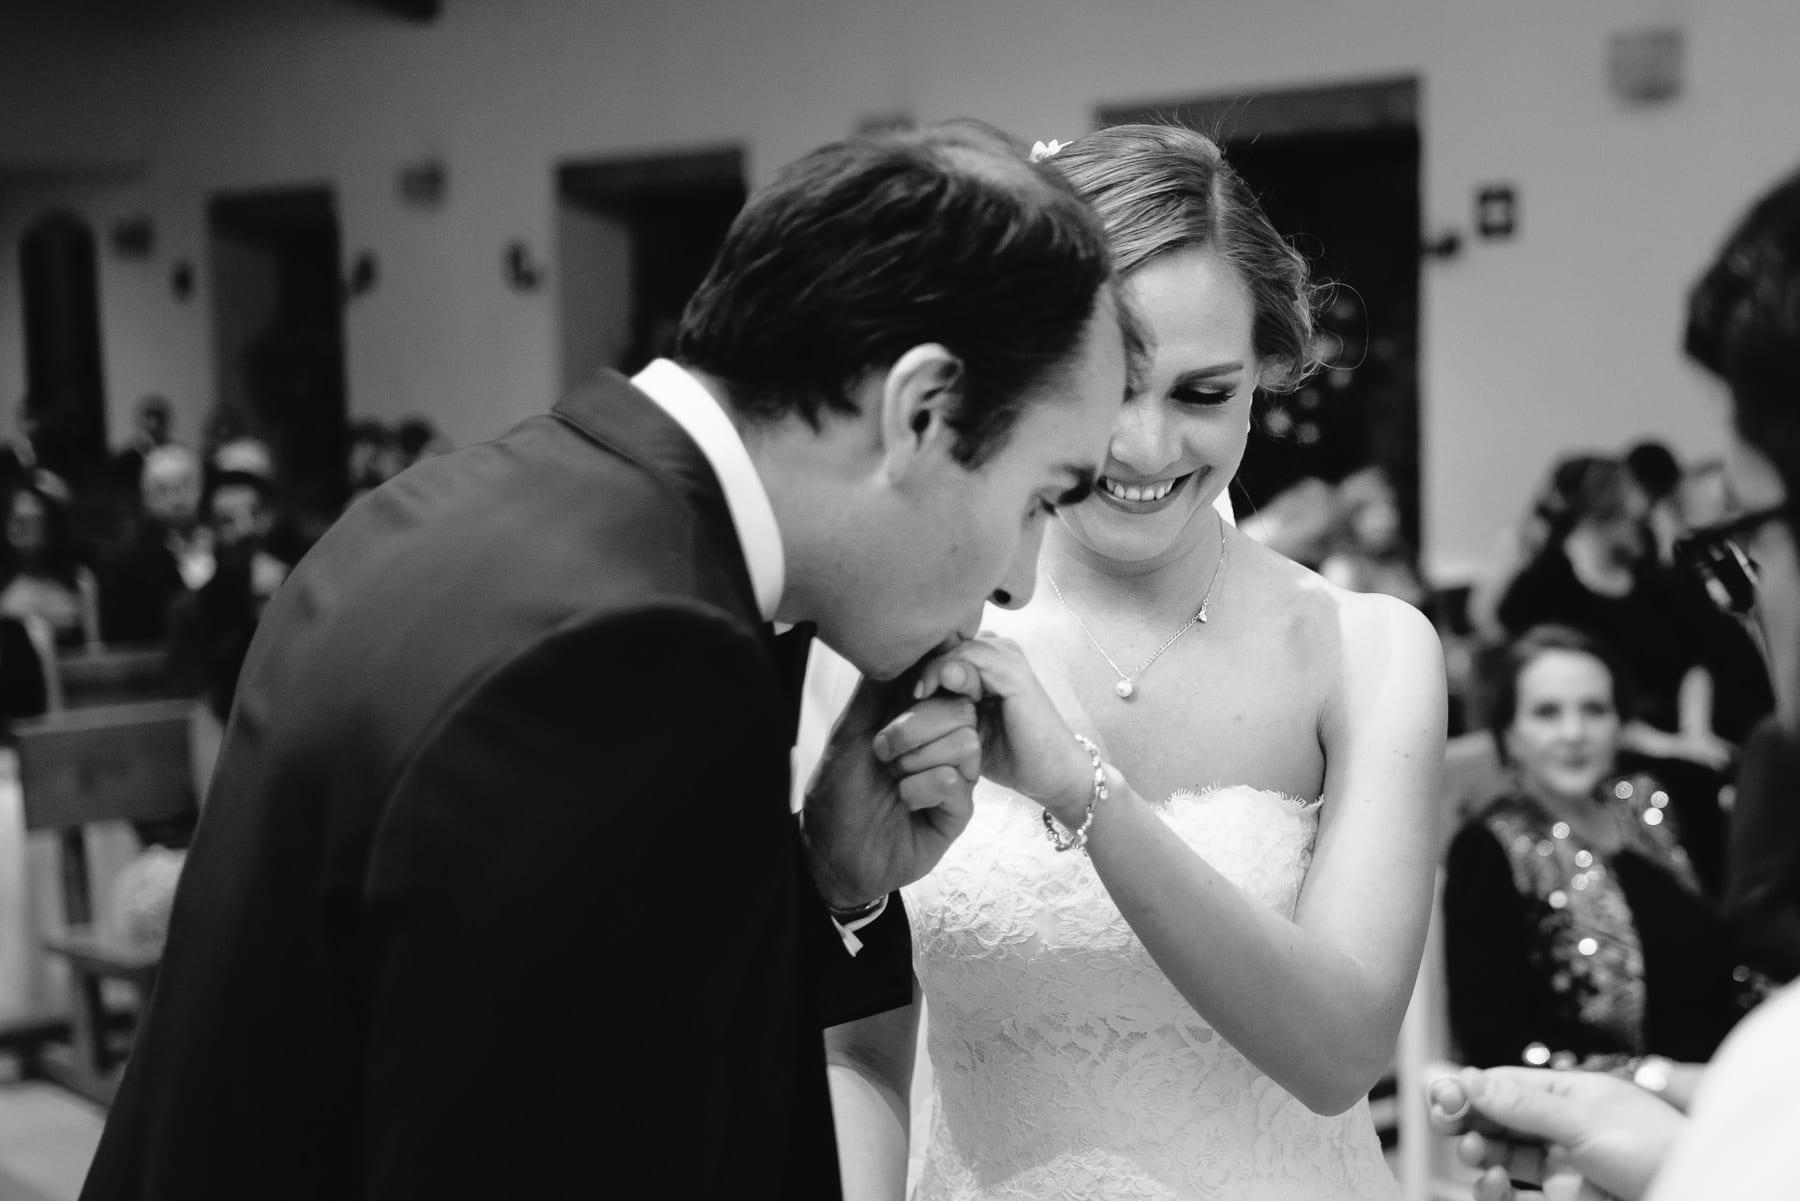 fotografo-de-bodas-en-queretaro-39